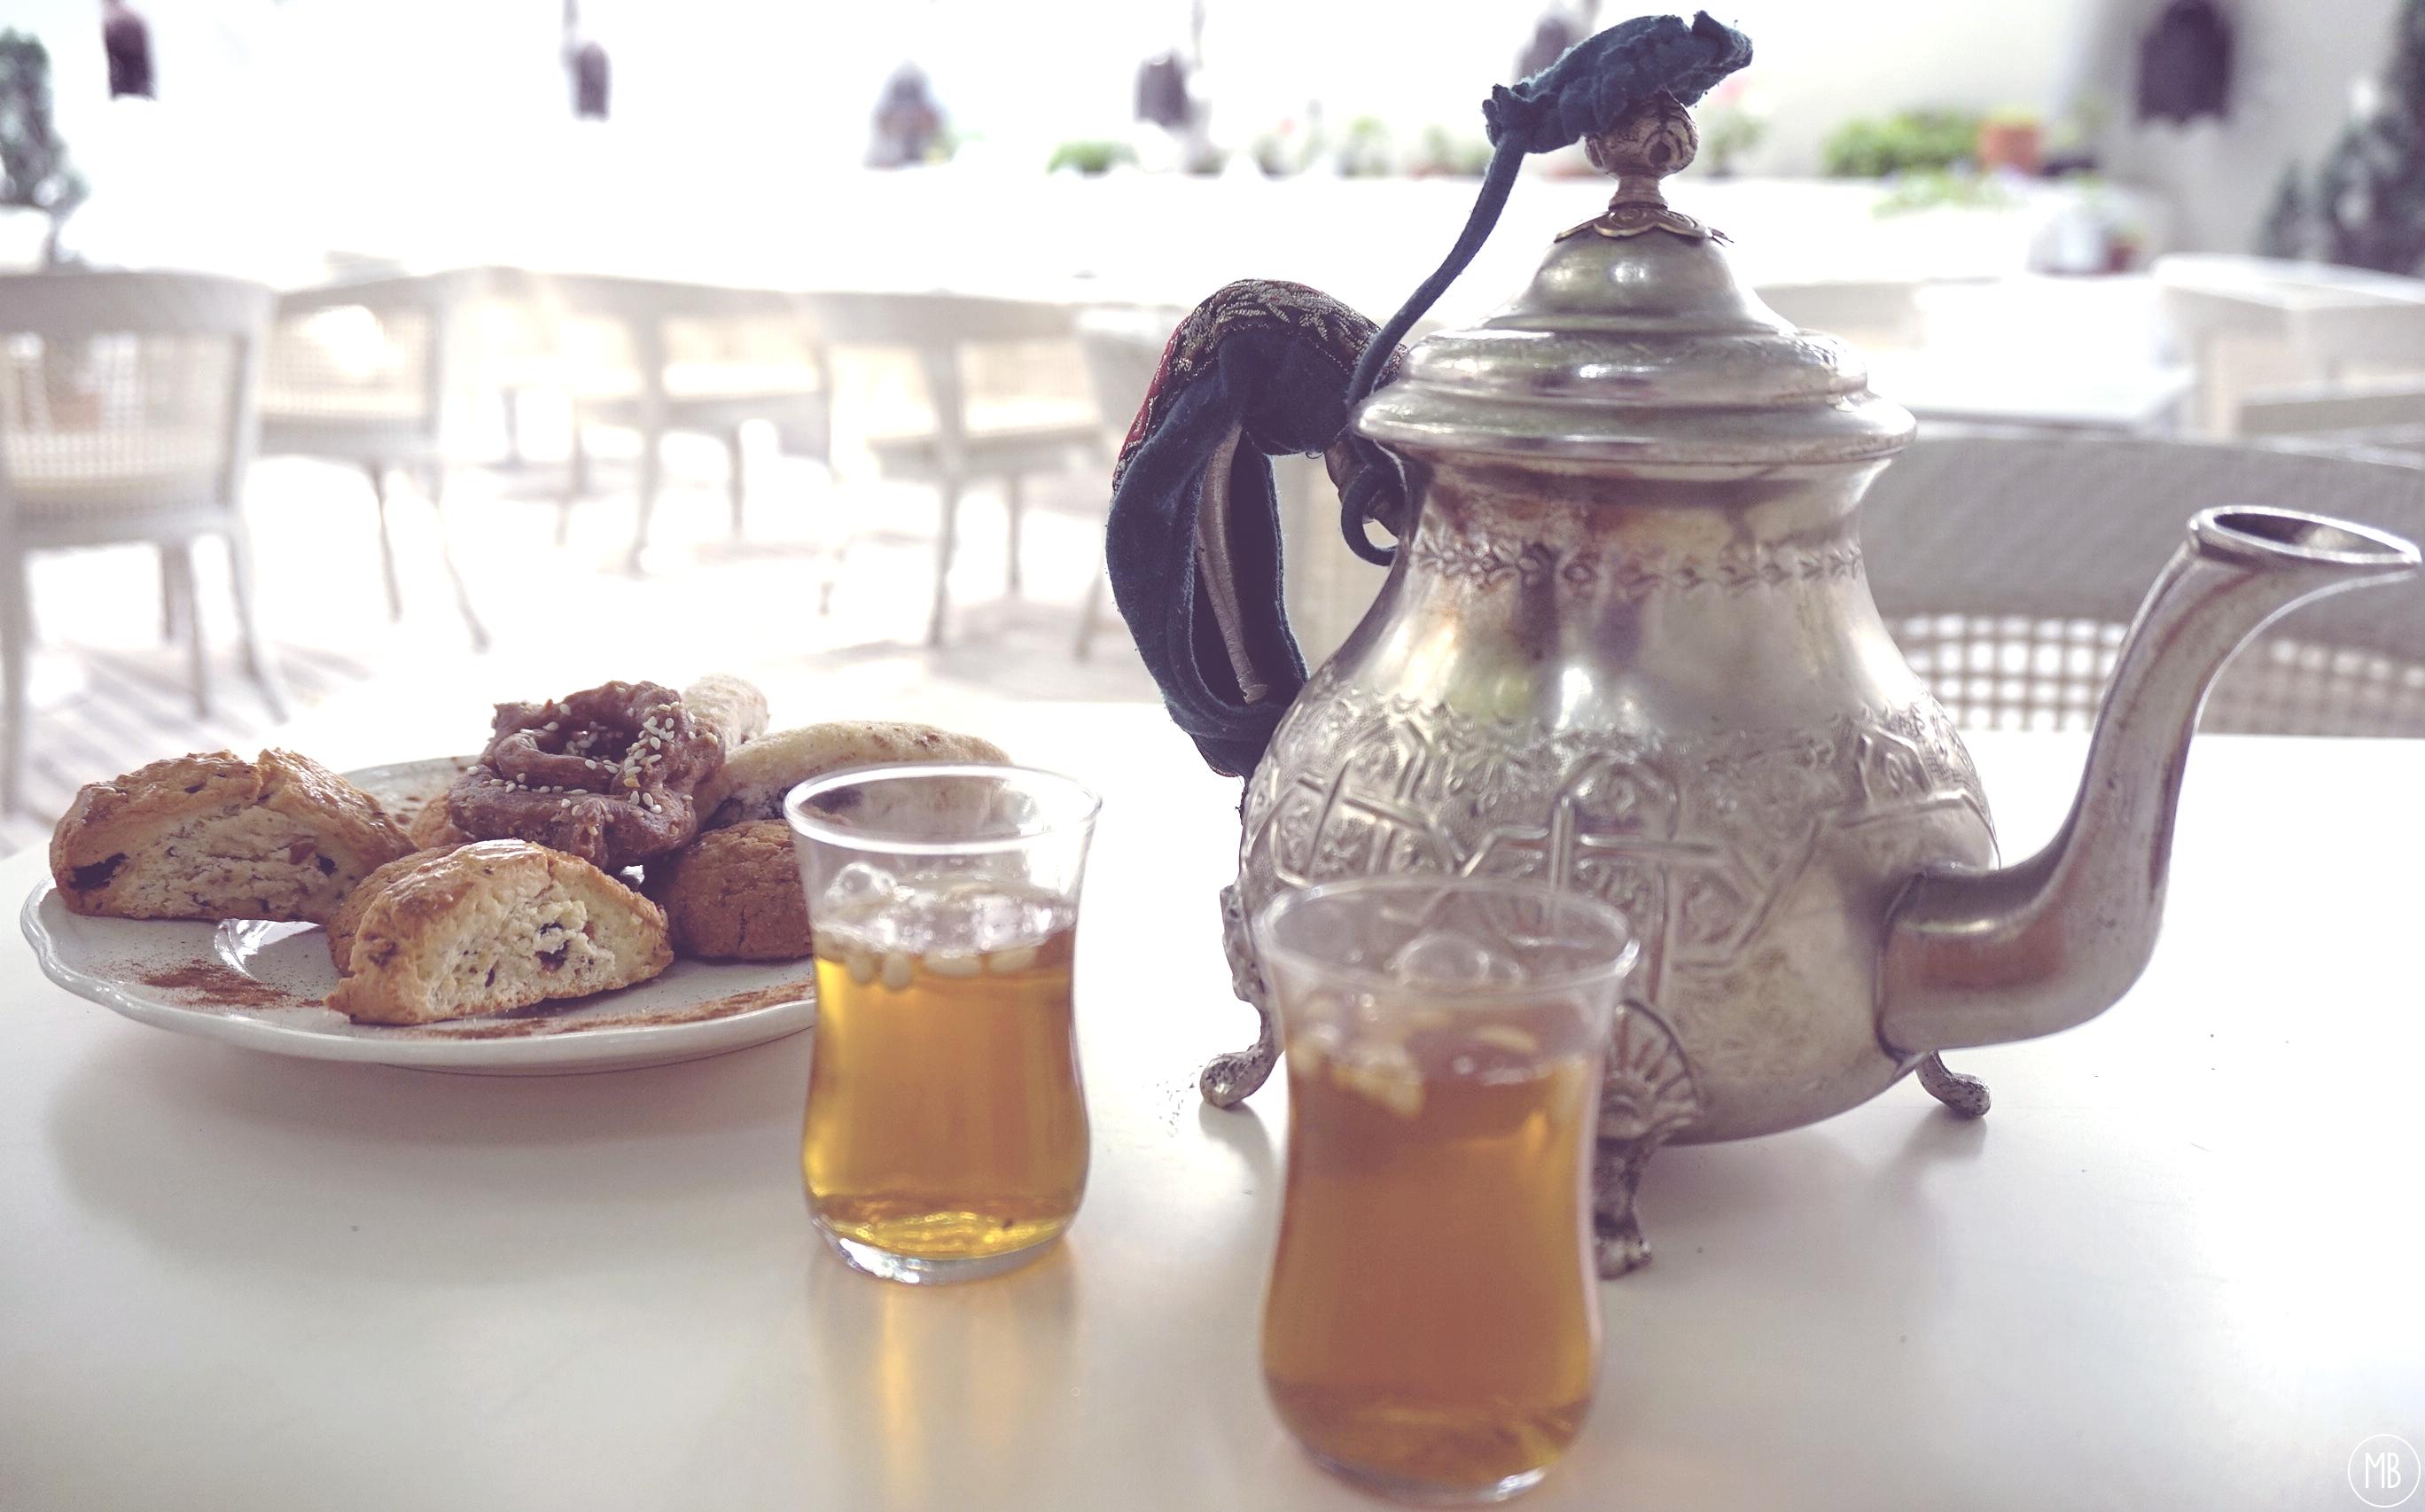 Annette Moroccan Restaurant in Sofia, Bulgaria